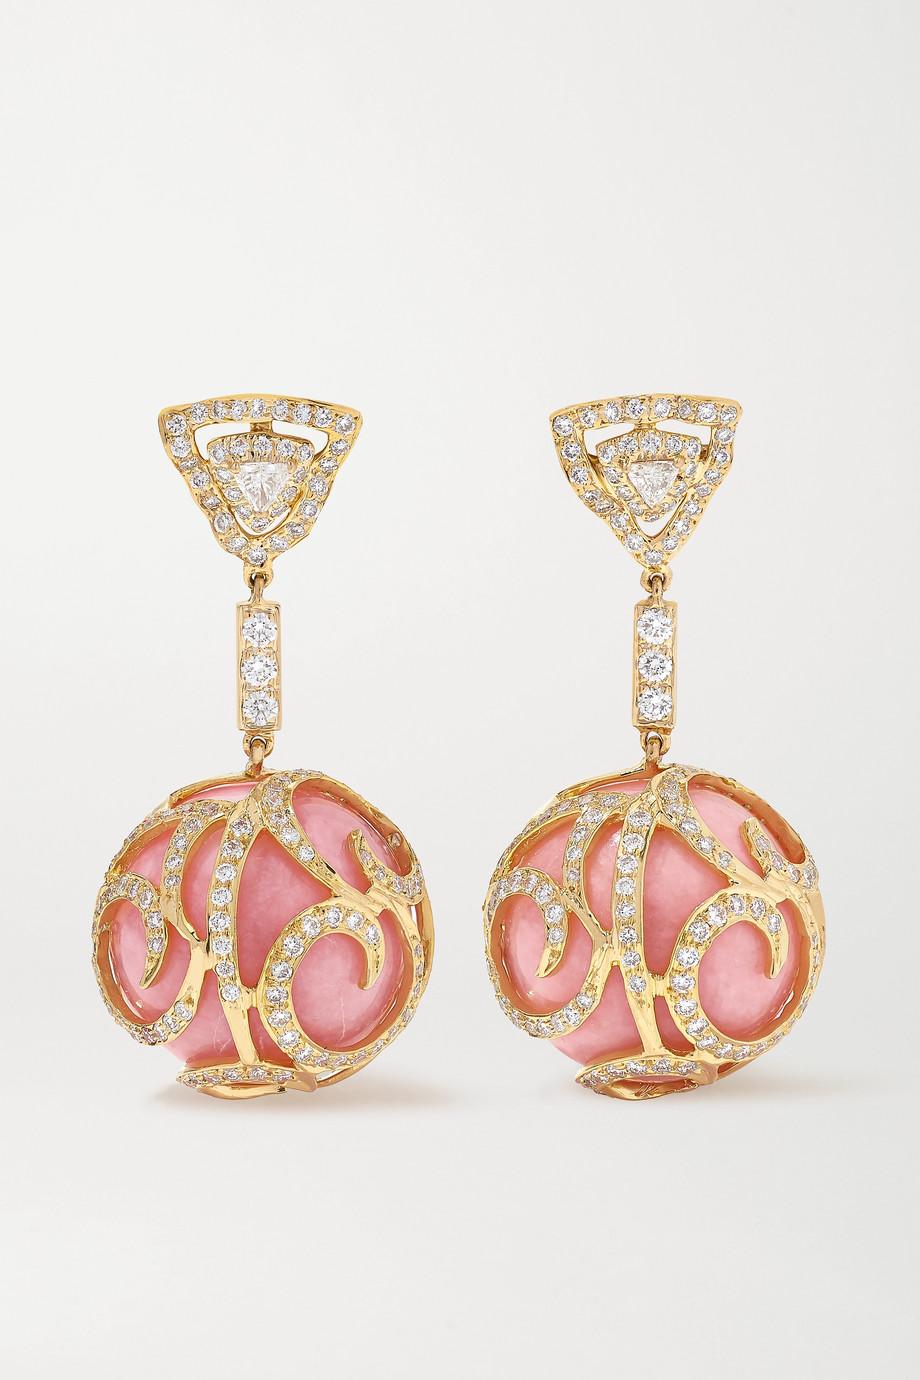 Bina Goenka Ohrringe aus 18 Karat Gold mit Opalen und Diamanten